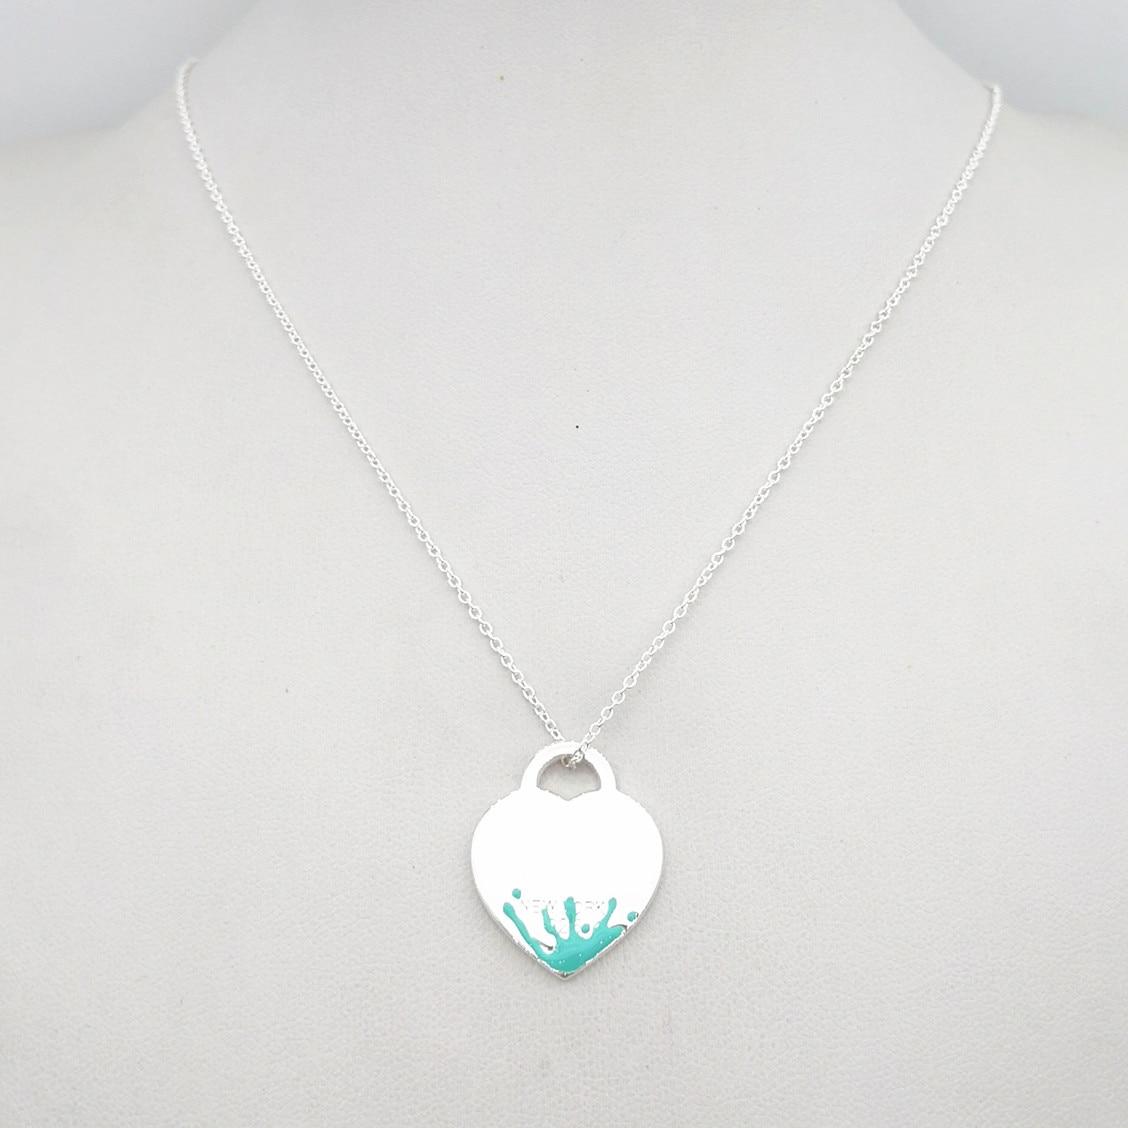 Купить серебрянное женское ожерелье на Алиэкспресс